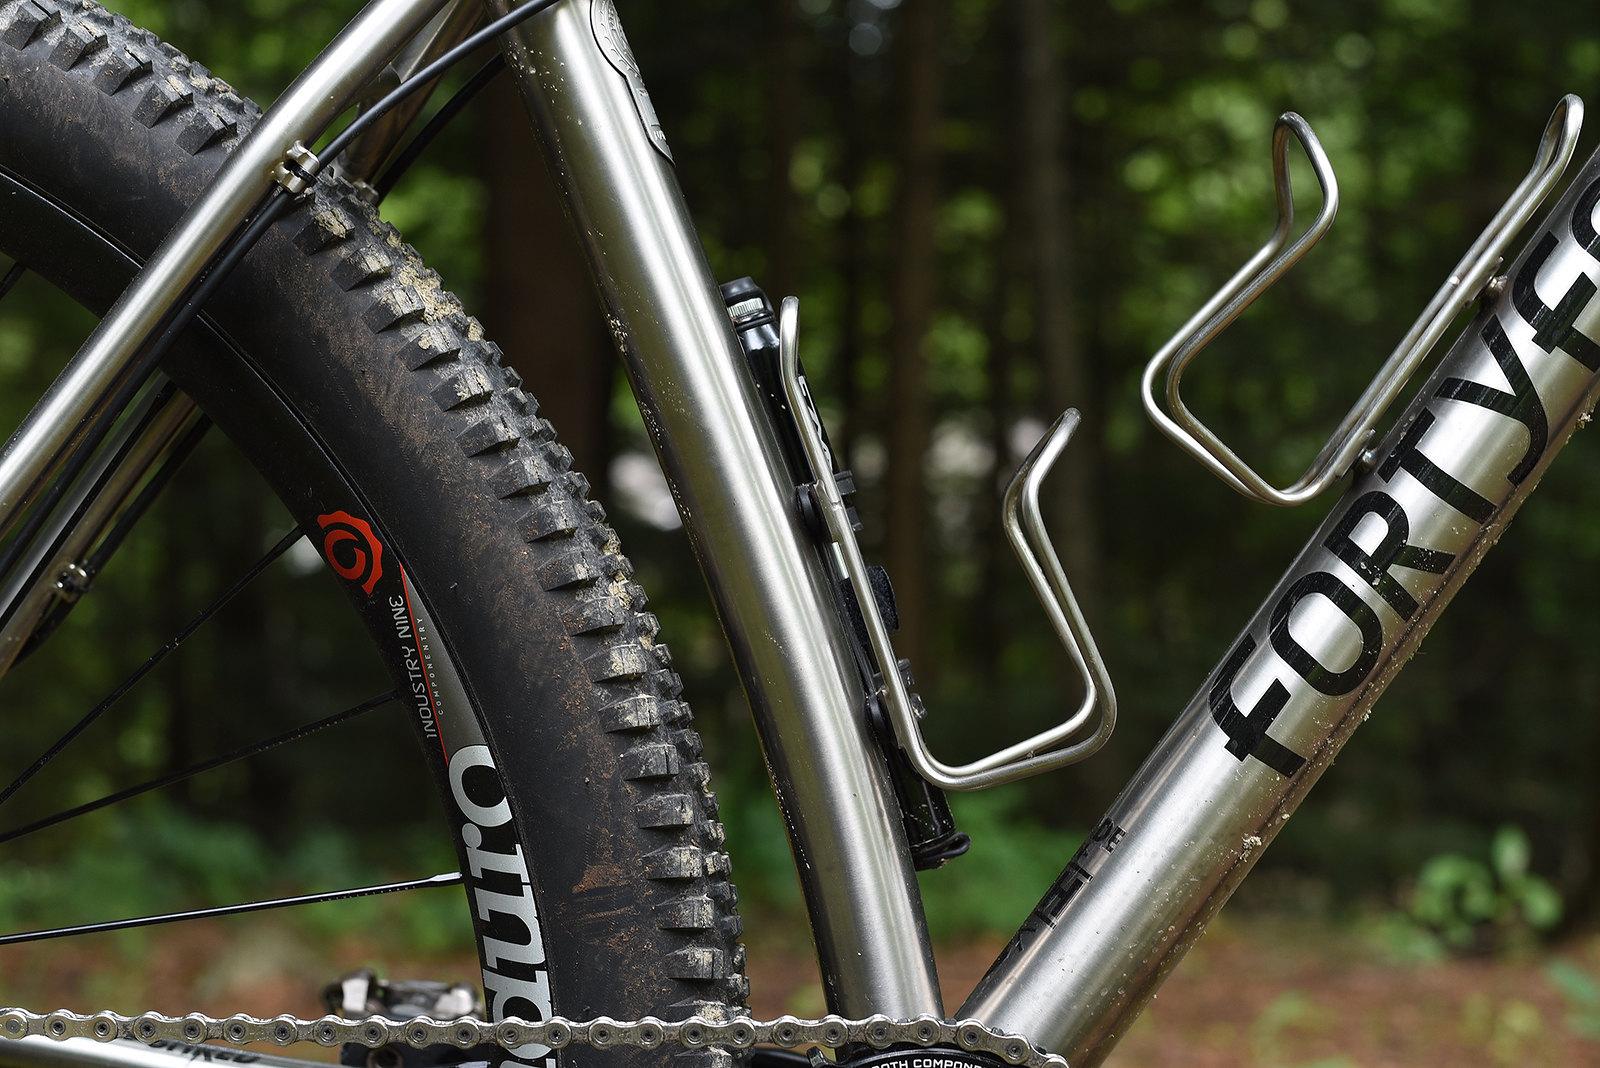 Heart of the Bike